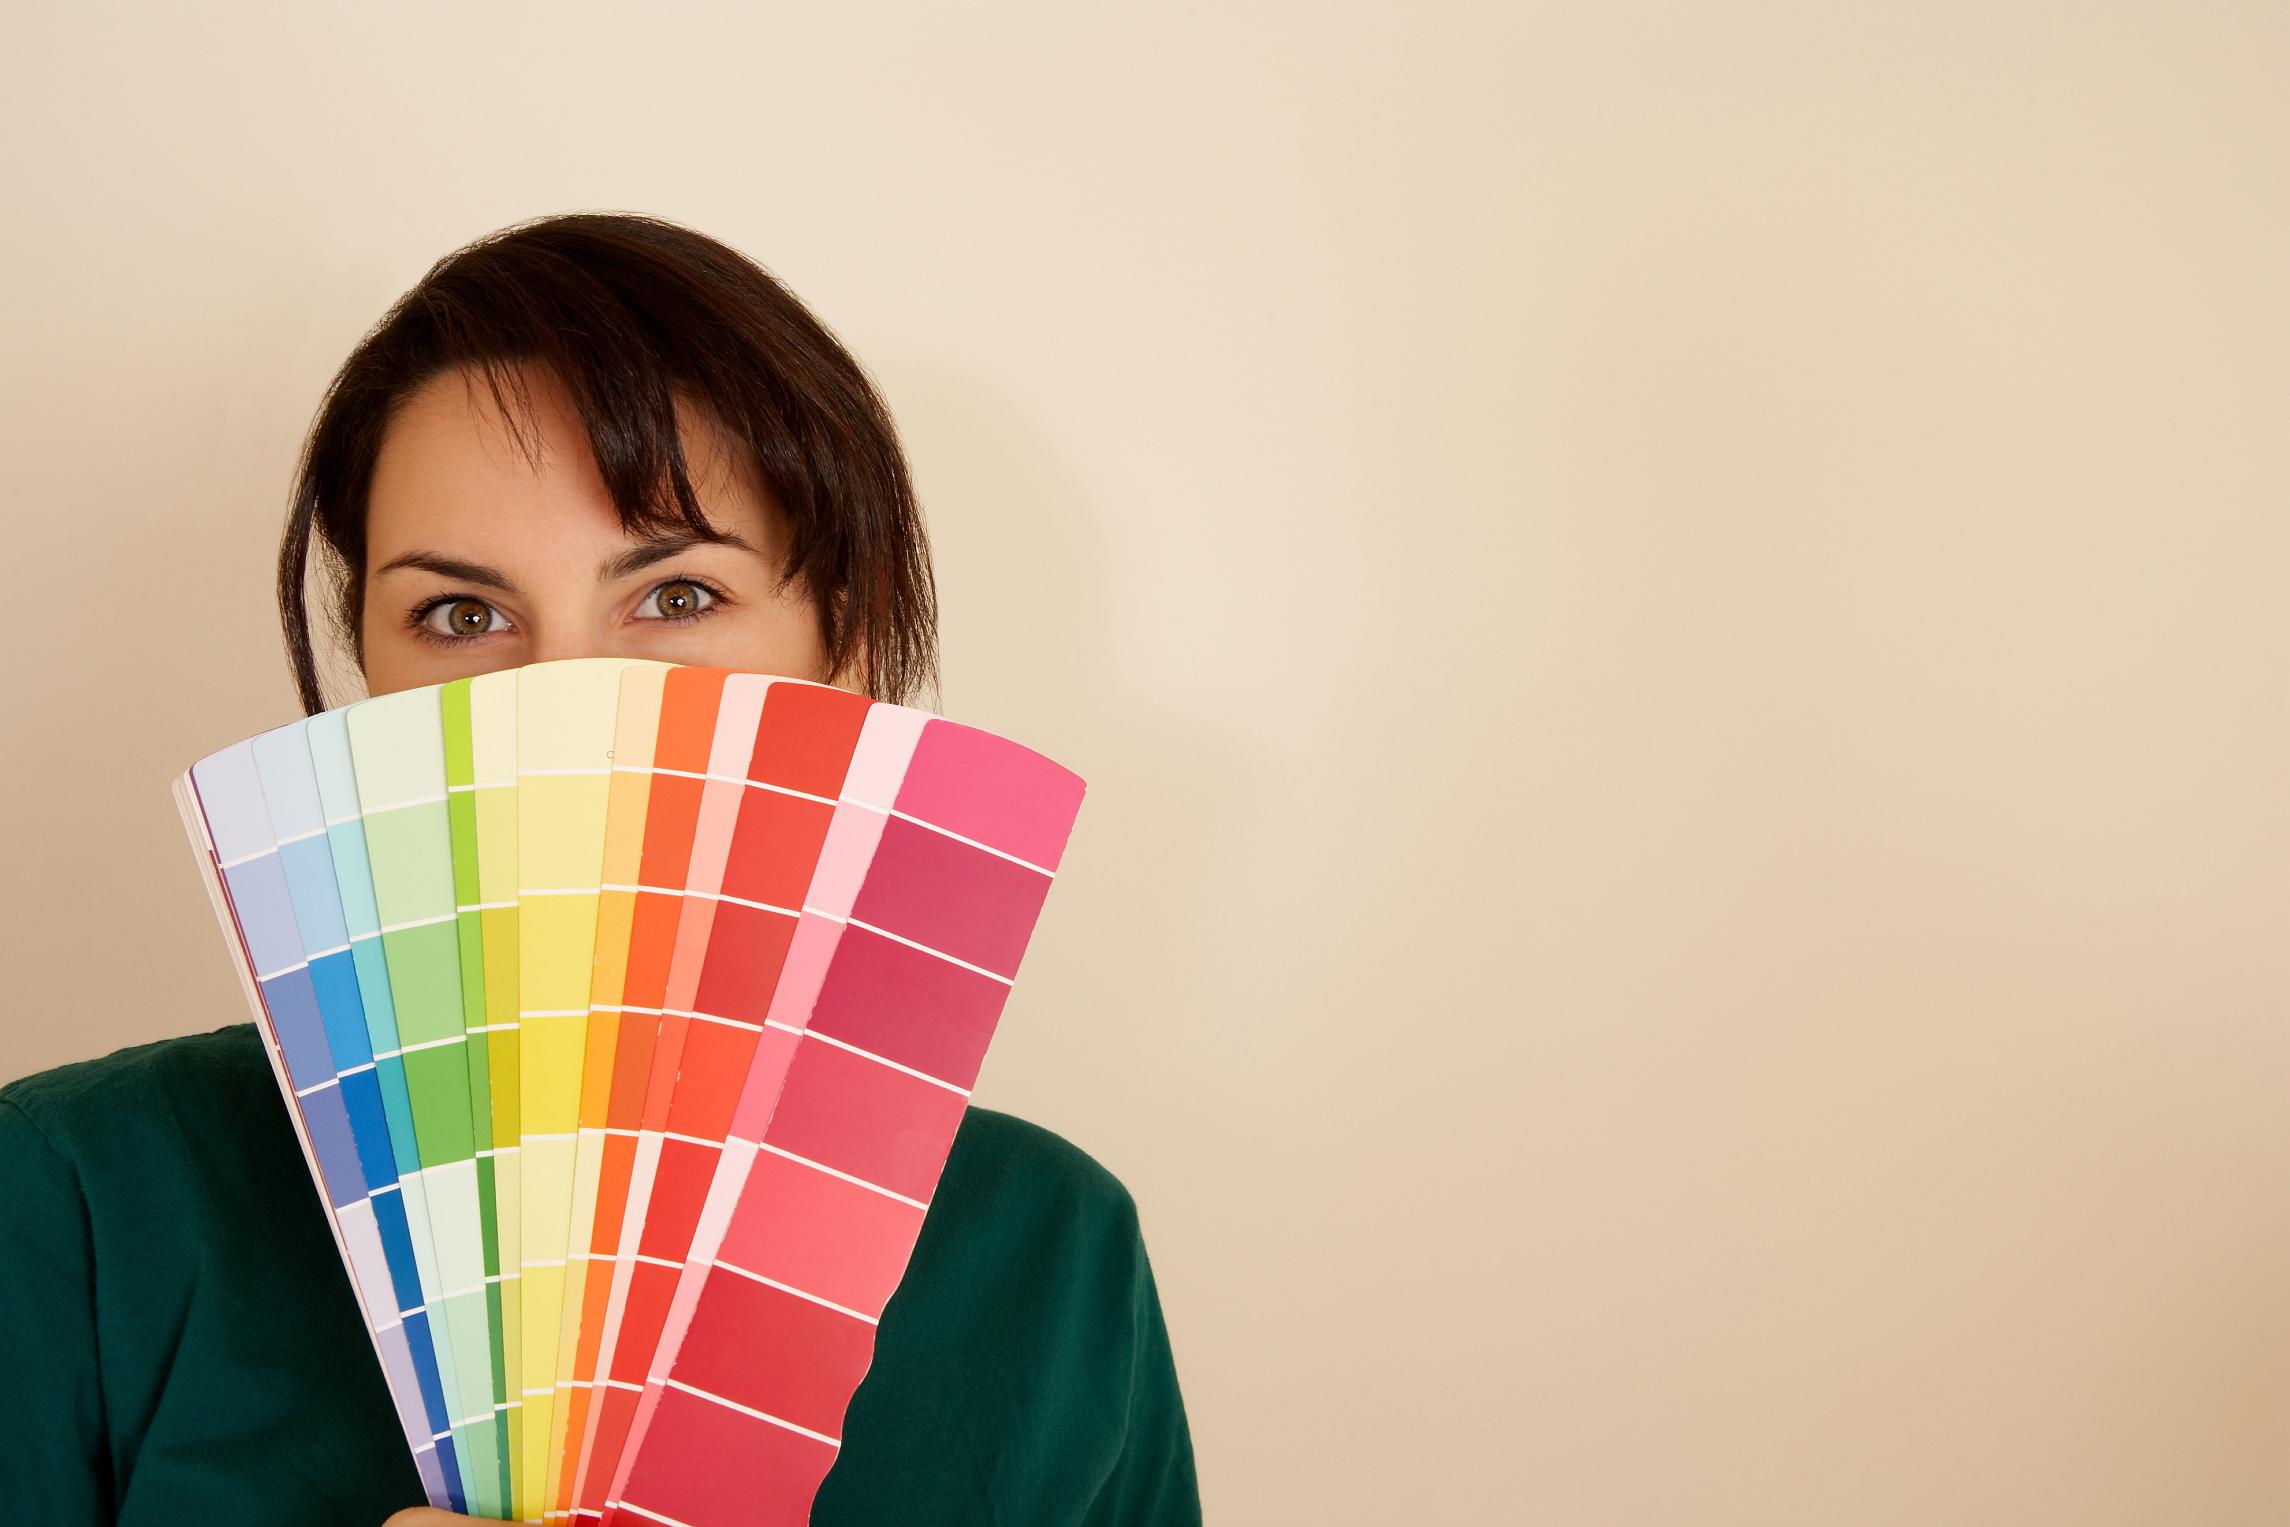 colores de pintura valspar para cocina Los Colores De Pintura Ms Populares Para Las Paredes De Una